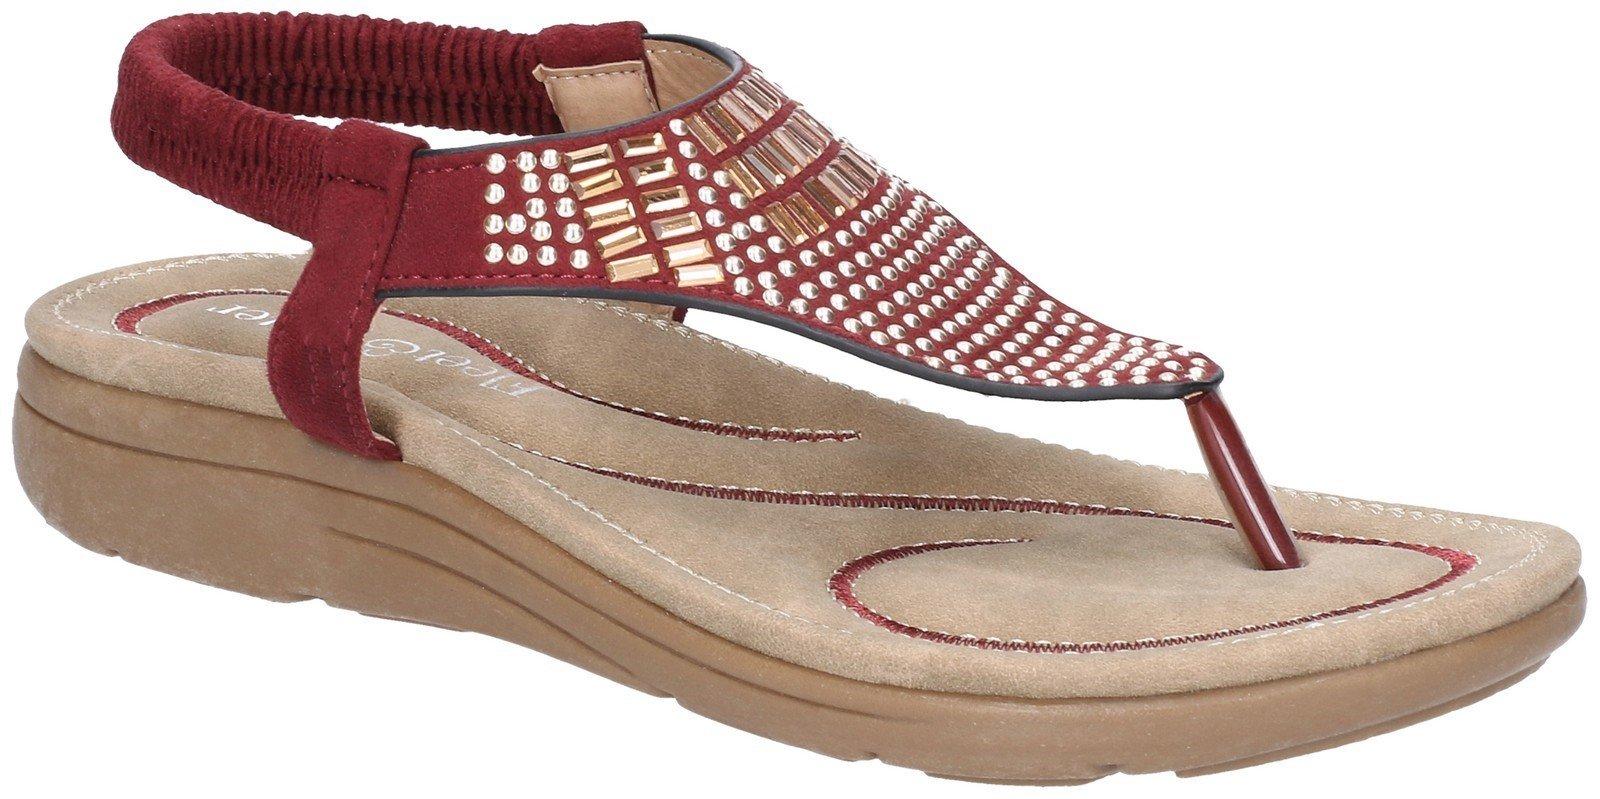 Fleet & Foster Women's Mulberry Elastic Sandal Various Colours 28277 - Bordo 3